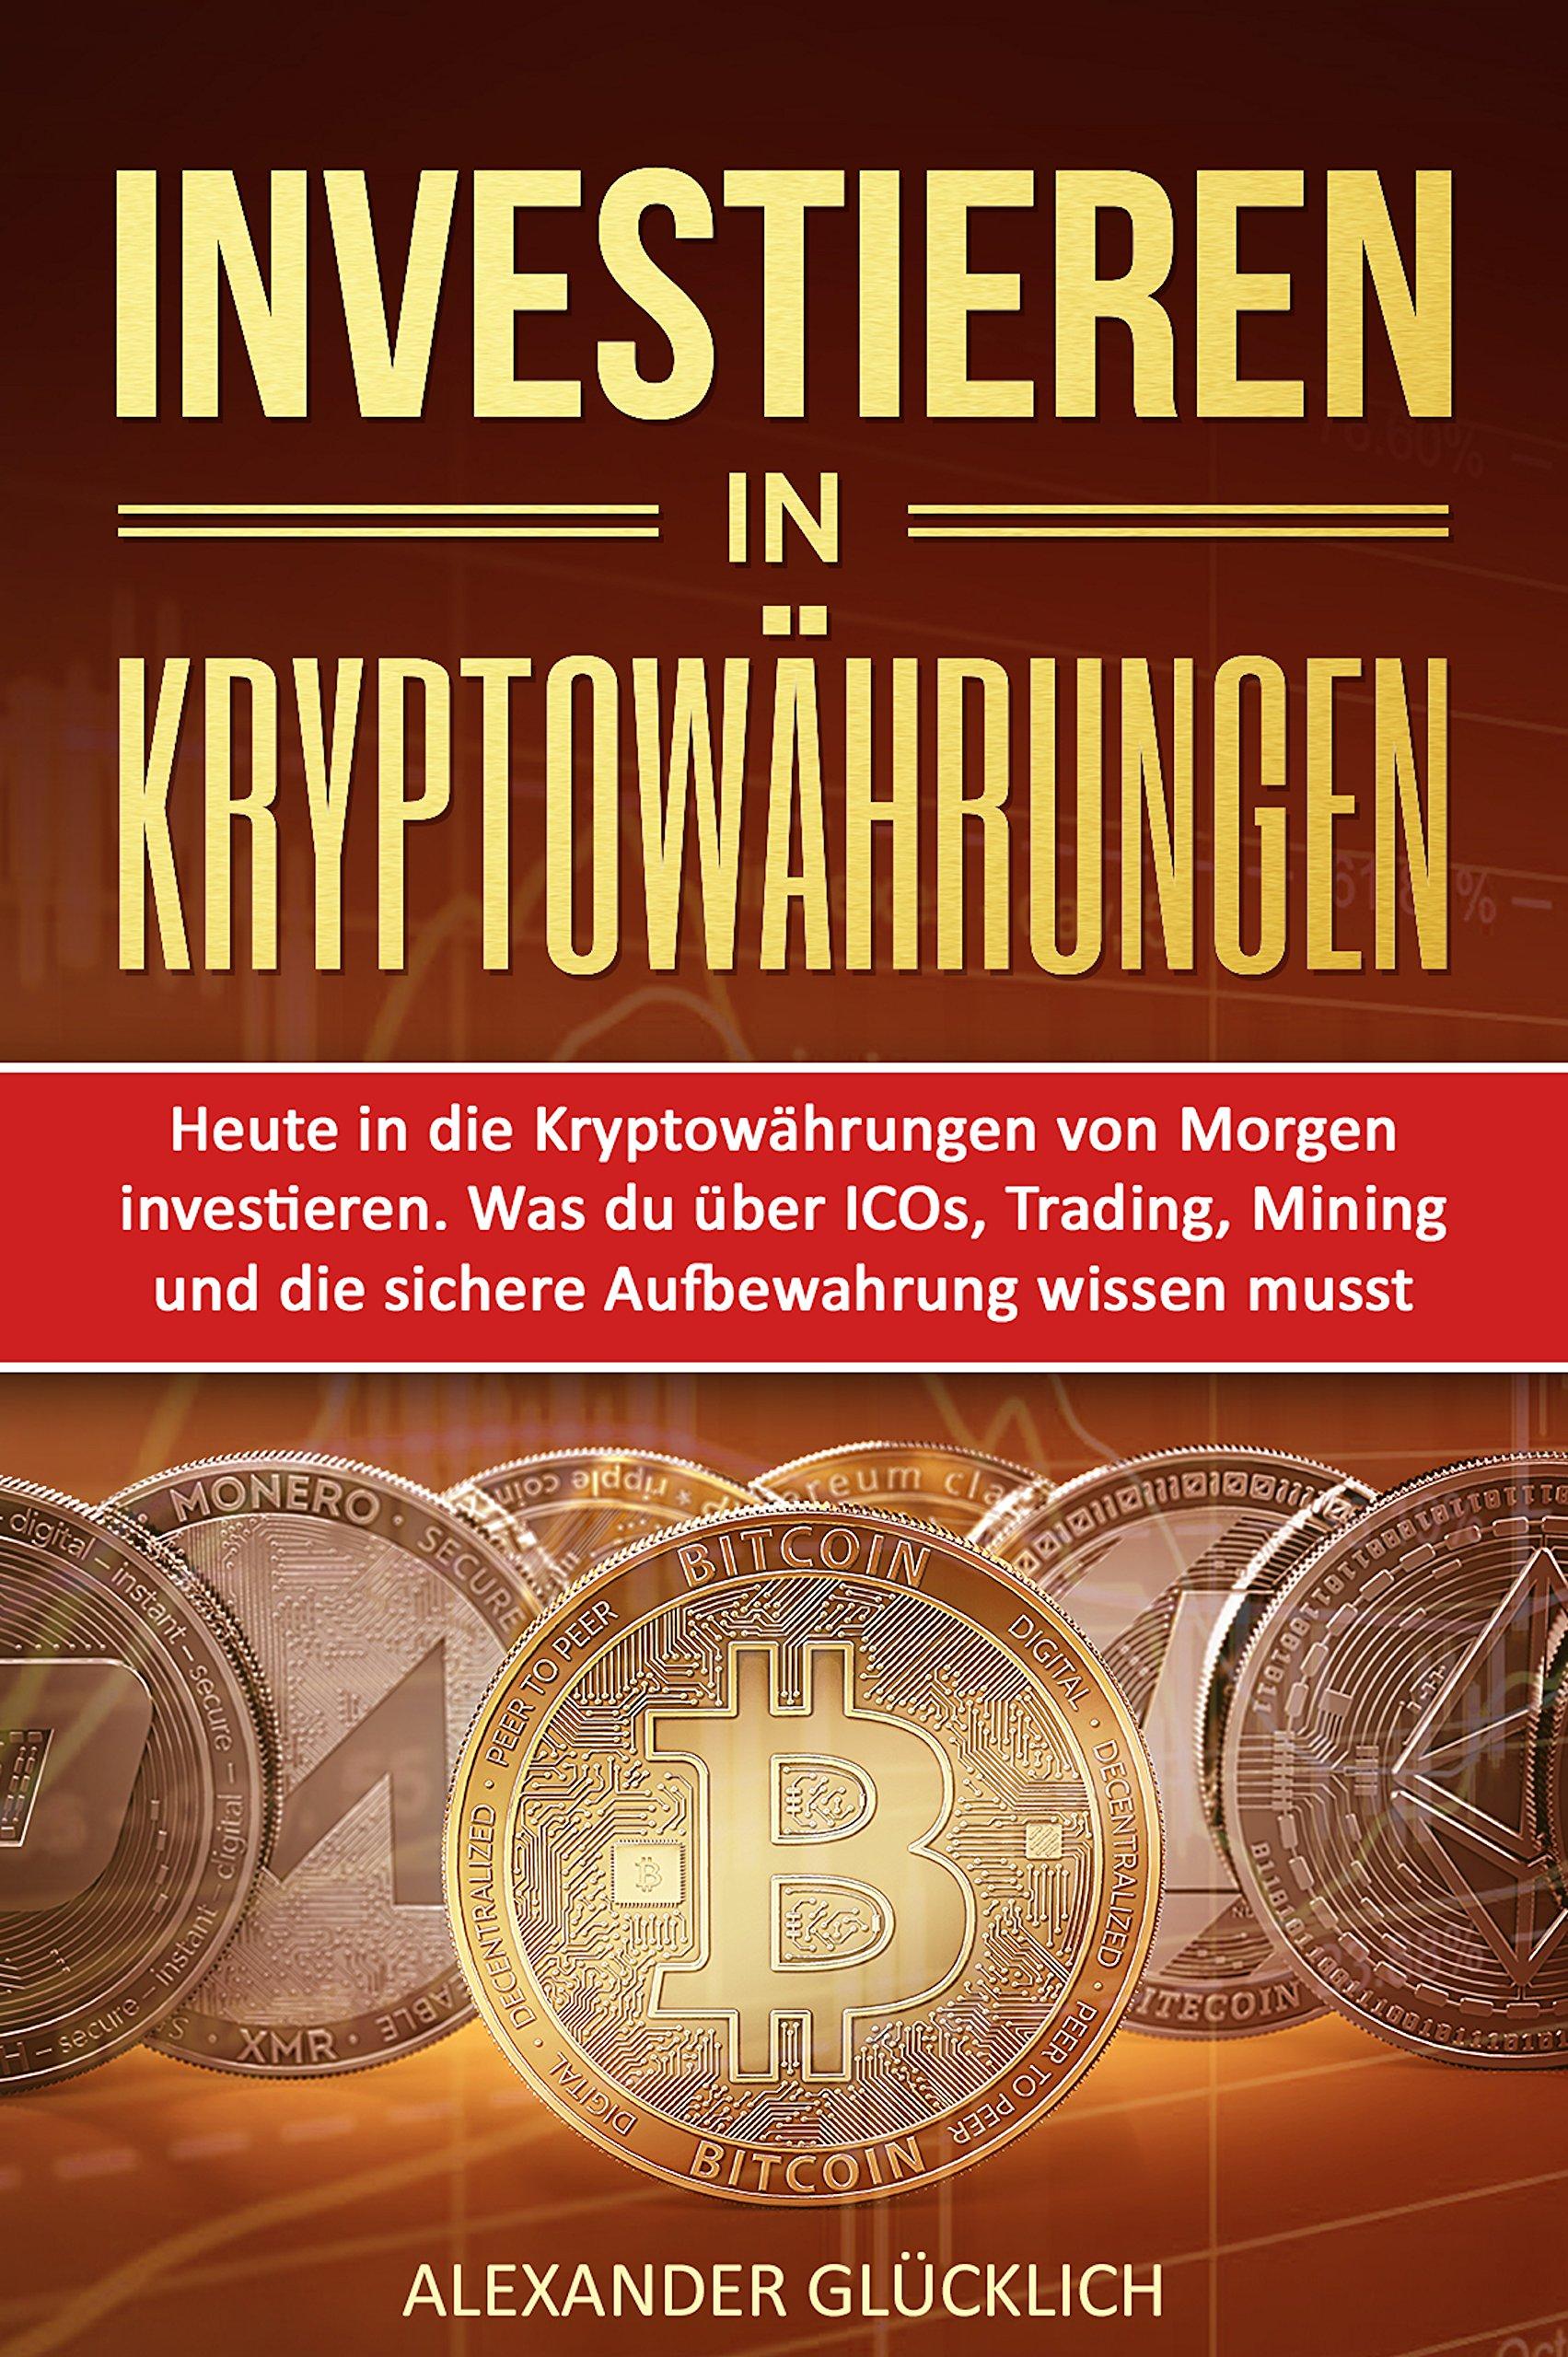 INVESTIEREN IN KRYPTOWÄHRUNGEN  Heute In Die Kryptowährungen Von Morgen Investieren. Was Du über ICOs Trading Mining Und Die Sichere Aufbewahrung Wissen Musst.  Kryptowährungen Einfach Erklärt 2